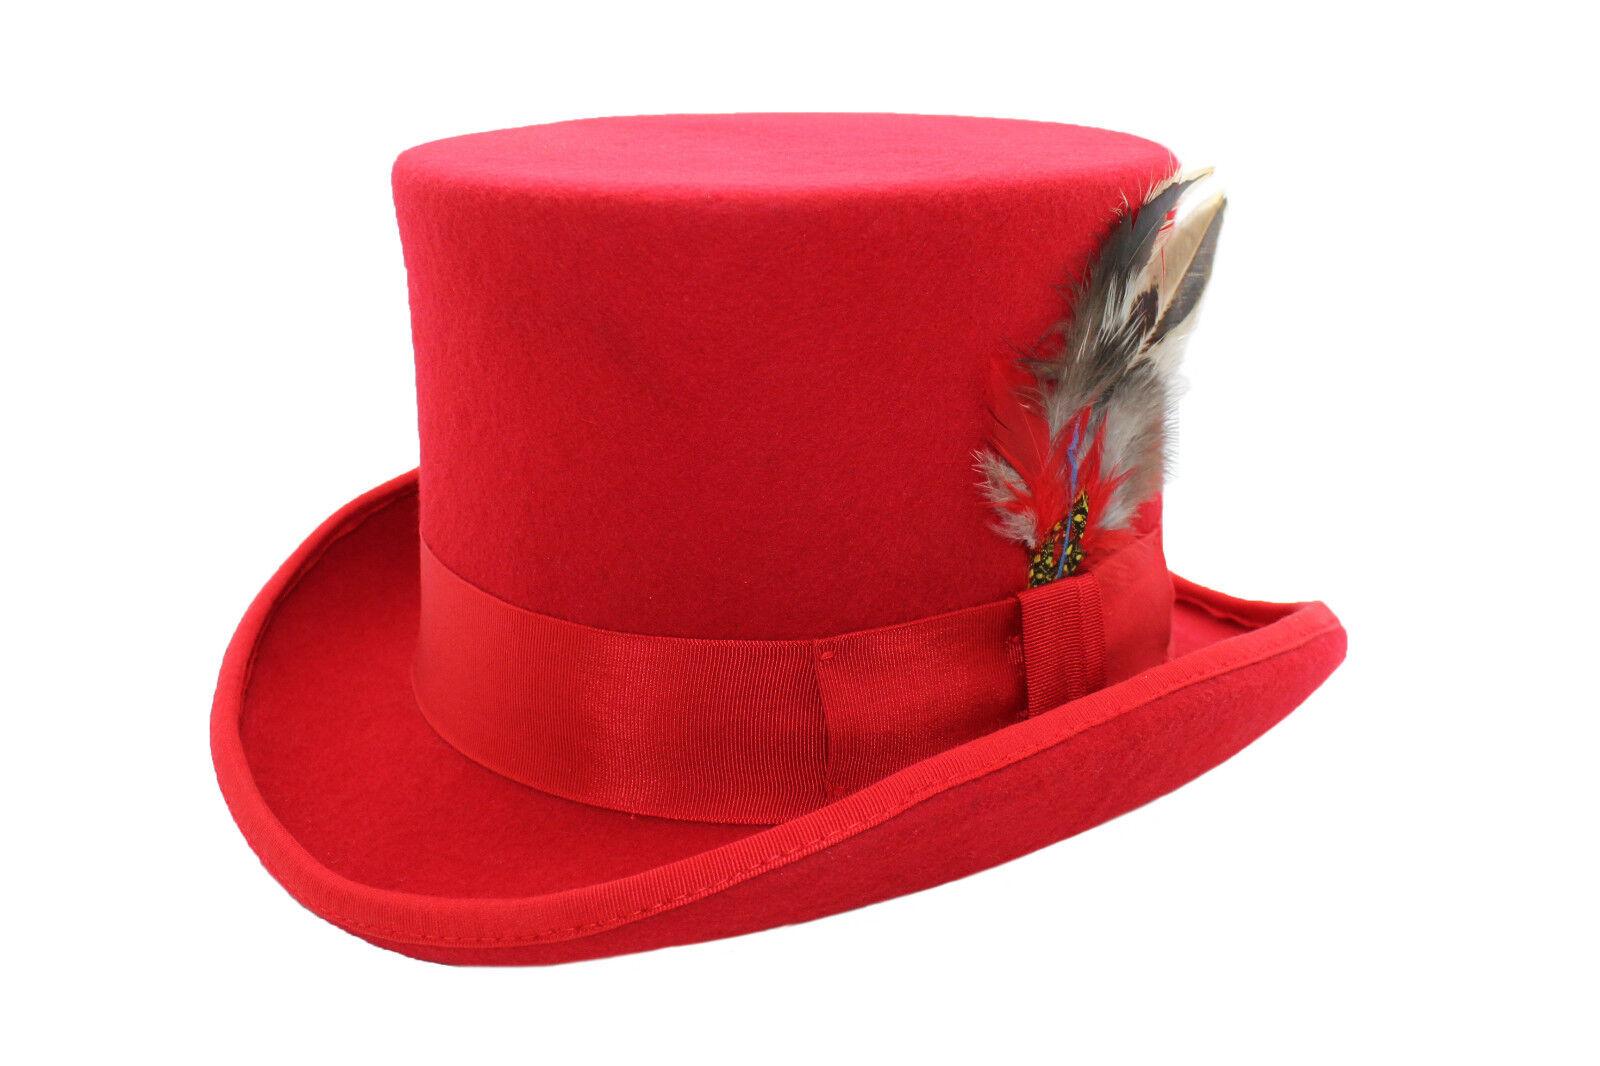 Unisex Top de lana roja sombrero de fieltro con la pluma a juego Band Cinta  Y Satén Guarnición. 100% LANA 7de7c1d509d